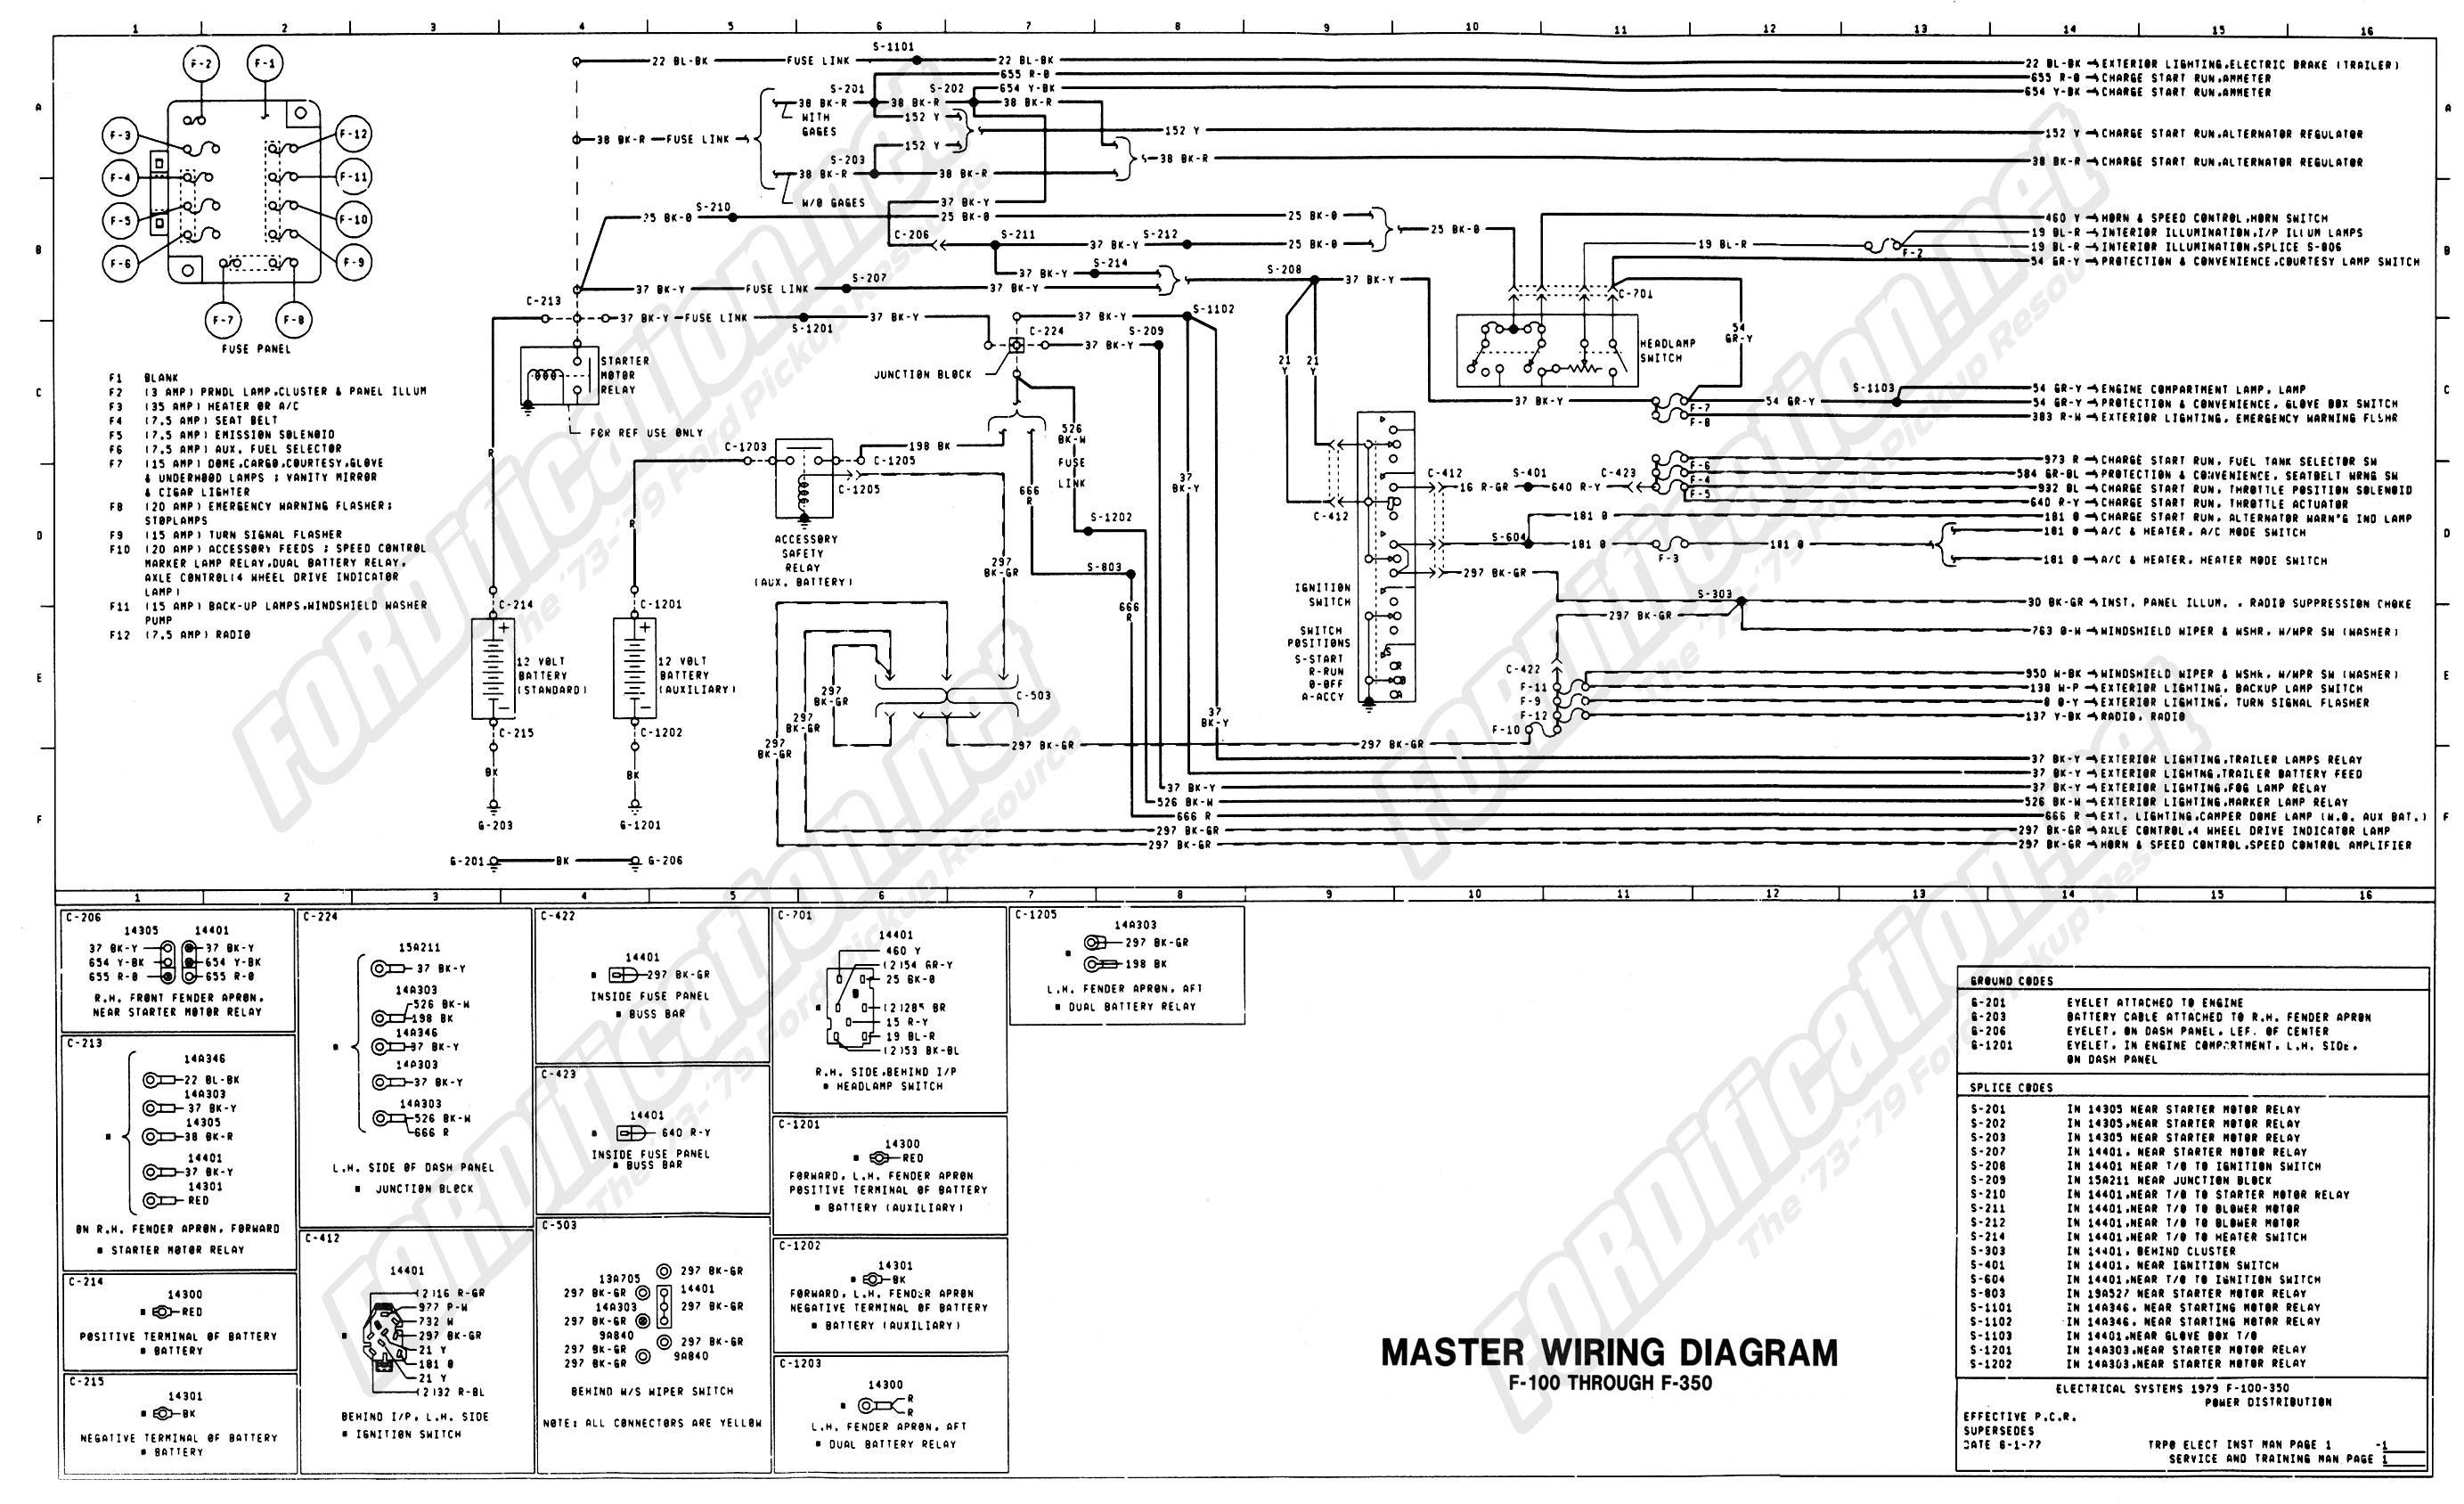 1973 1979 Ford Truck Wiring Diagrams & Schematics